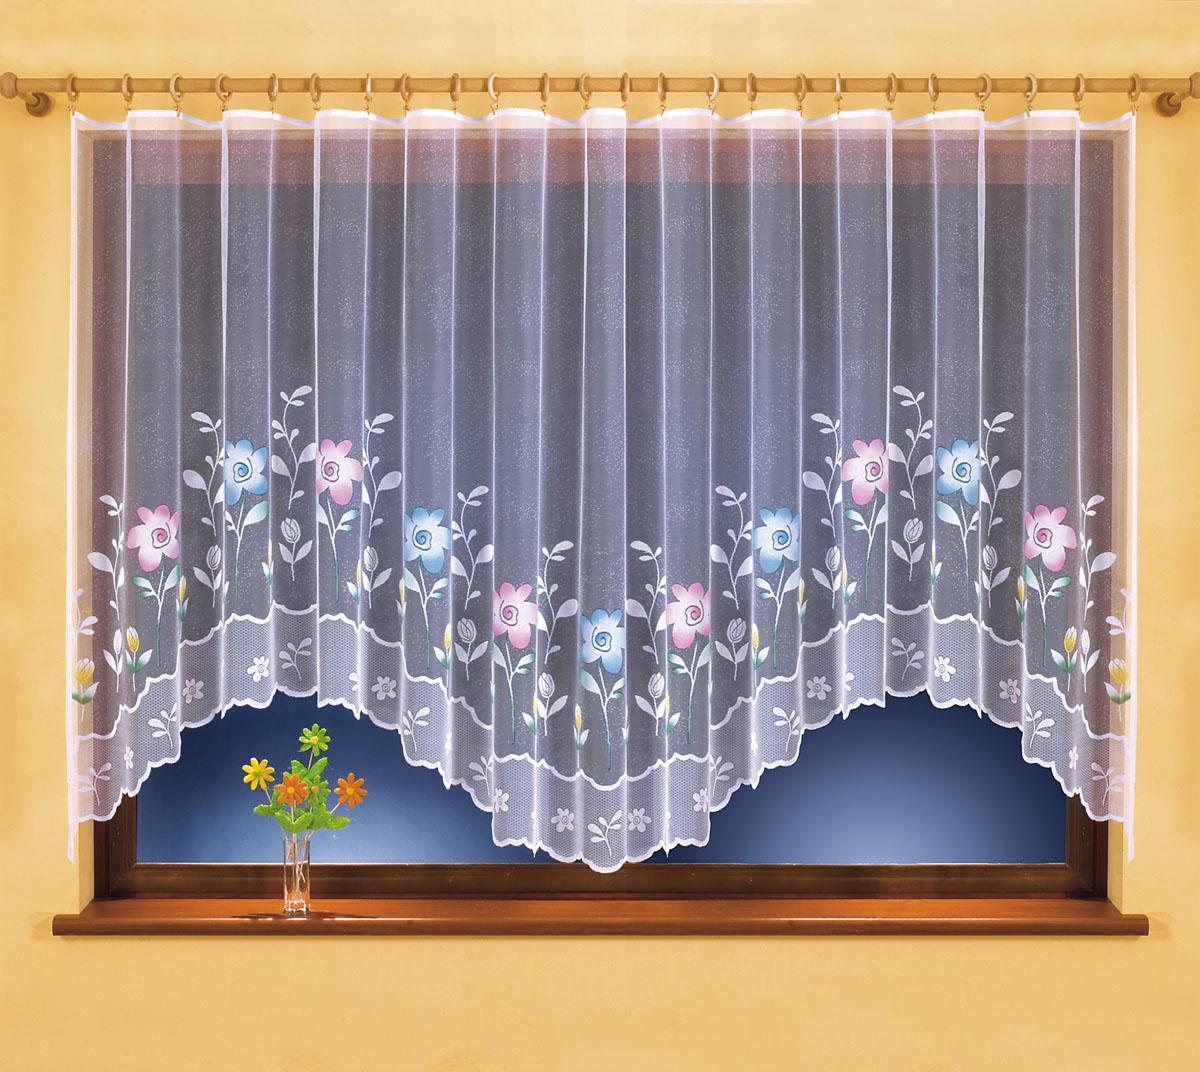 Гардина Martina, на ленте, цвет: белый, высота 150 смс6322w1223v23Воздушная гардина Martina, изготовленная из полиэстера белого цвета, станет великолепным украшением любого окна. Оригинальный дизайн и красочный цветочный рисунок привлекут к себе внимание и органично впишутся в интерьер комнаты. В гардину вшита шторная лента для собирания в сборки. Характеристики:Материал: 100% полиэстер. Размер упаковки:27 см х 34 см х 2,5 см. Артикул: 630776.В комплект входит:Гардина - 1 шт. Размер (Ш х В): 400 см х 150 см. Фирма Wisan на польском рынке существует уже более пятидесяти лет и является одной из лучших польских фабрик по производству штор и тканей. Ассортимент фирмы представлен готовыми комплектами штор для гостиной, детской, кухни, а также текстилем для кухни (скатерти, салфетки, дорожки, кухонные занавески). Модельный ряд отличает оригинальный дизайн, высокое качество. Ассортимент продукции постоянно пополняется.